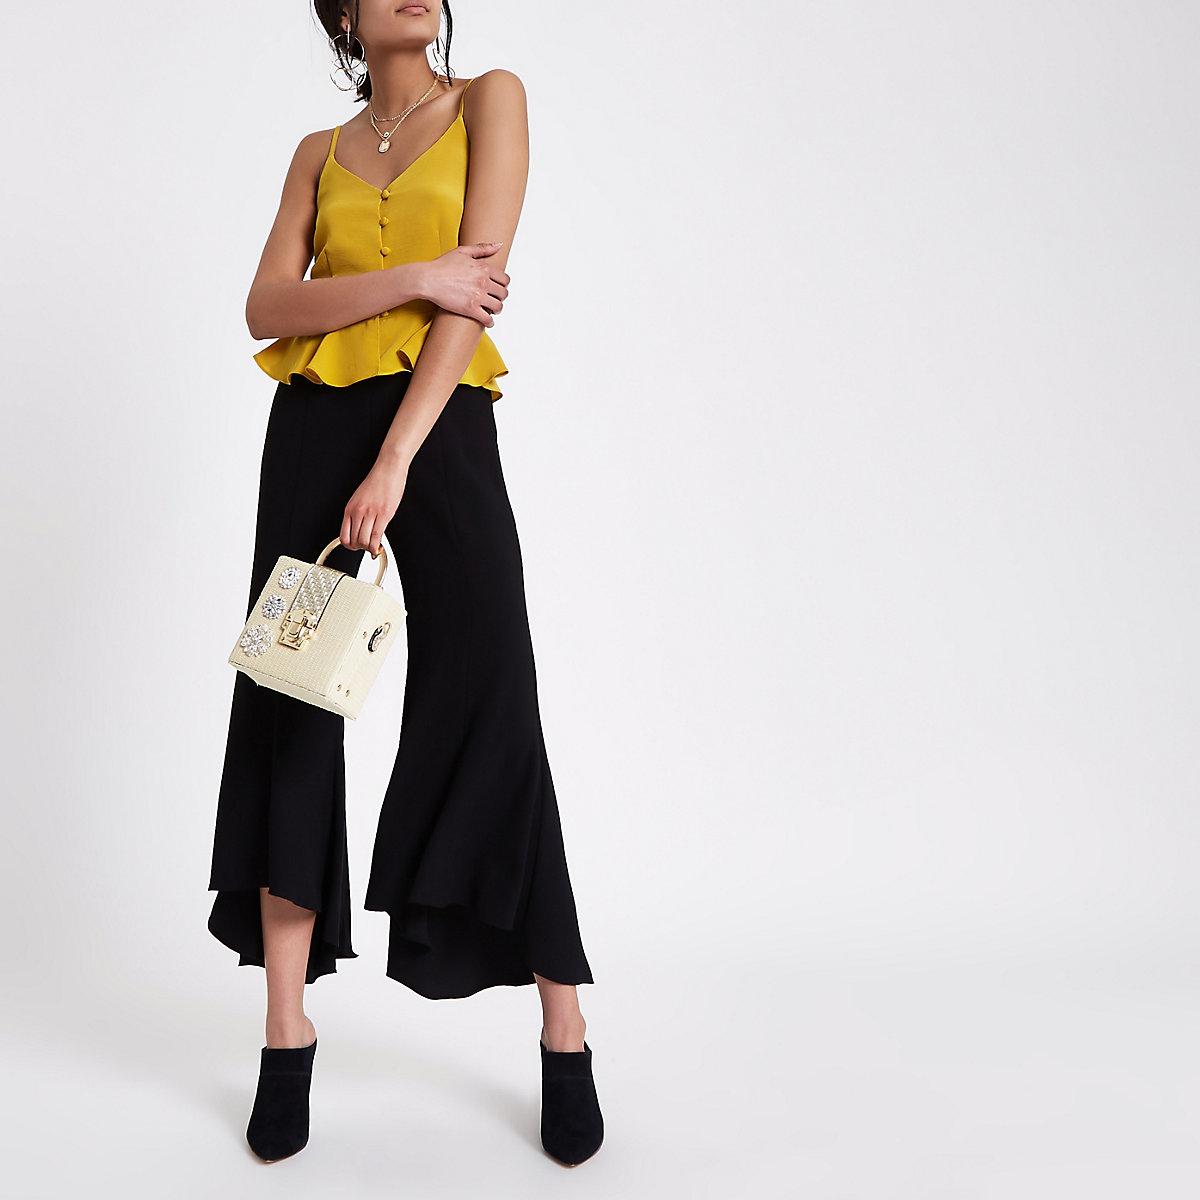 Zwarte uitlopende broek met ketting